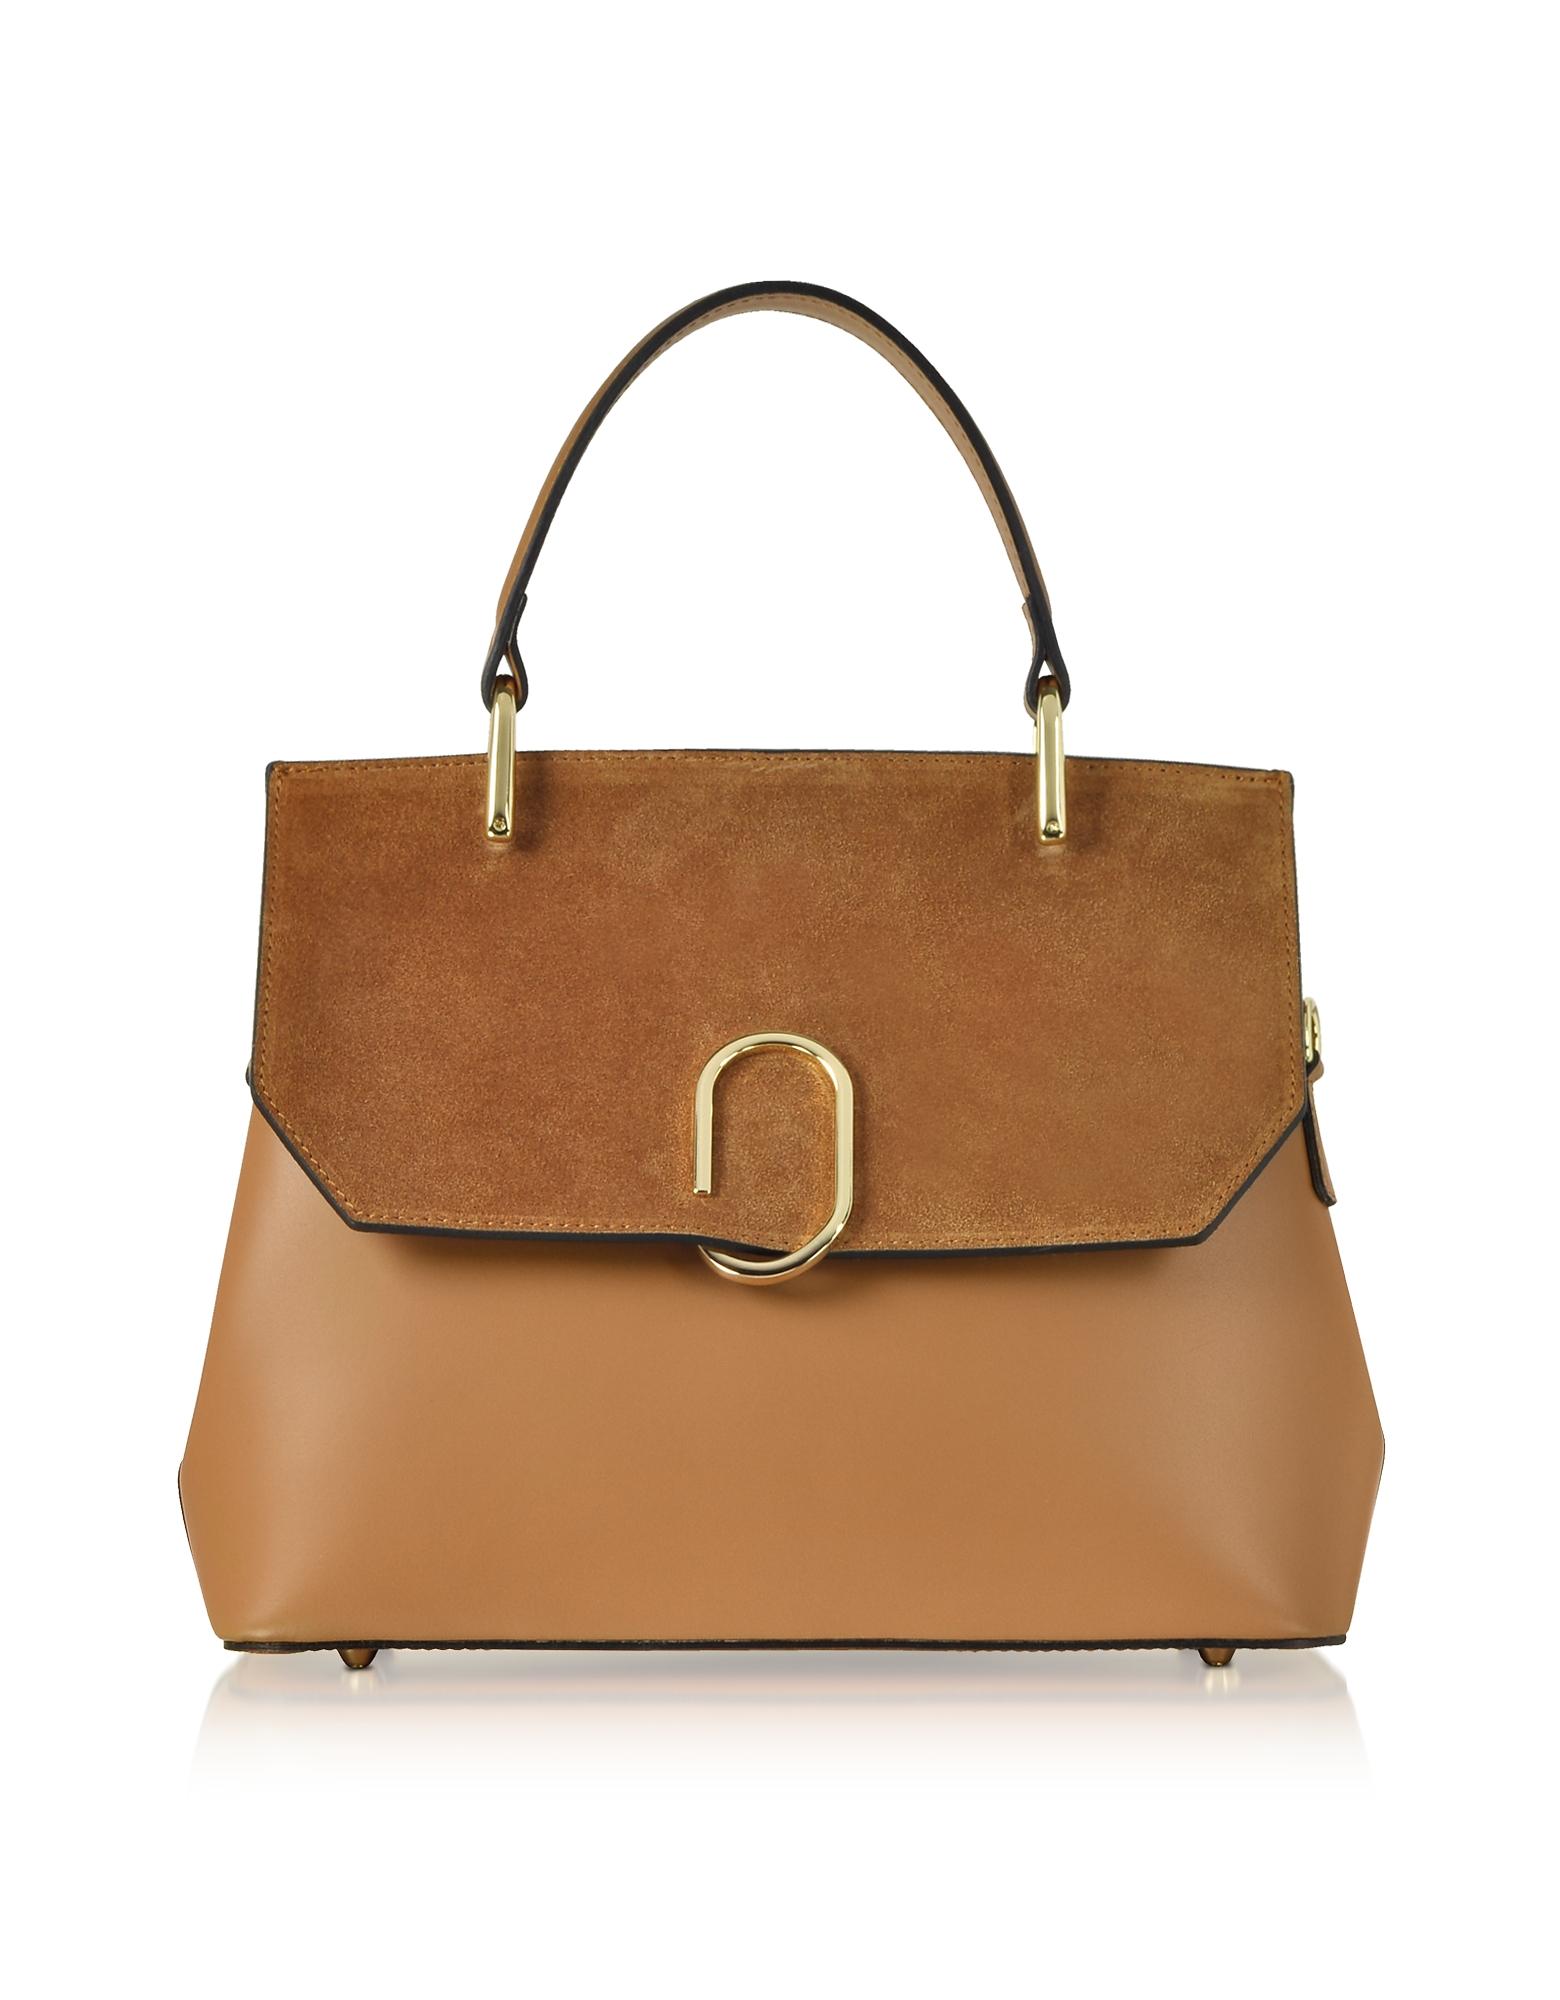 Le Parmentier Handbags, Thais Suede and Leather Satchel Bag